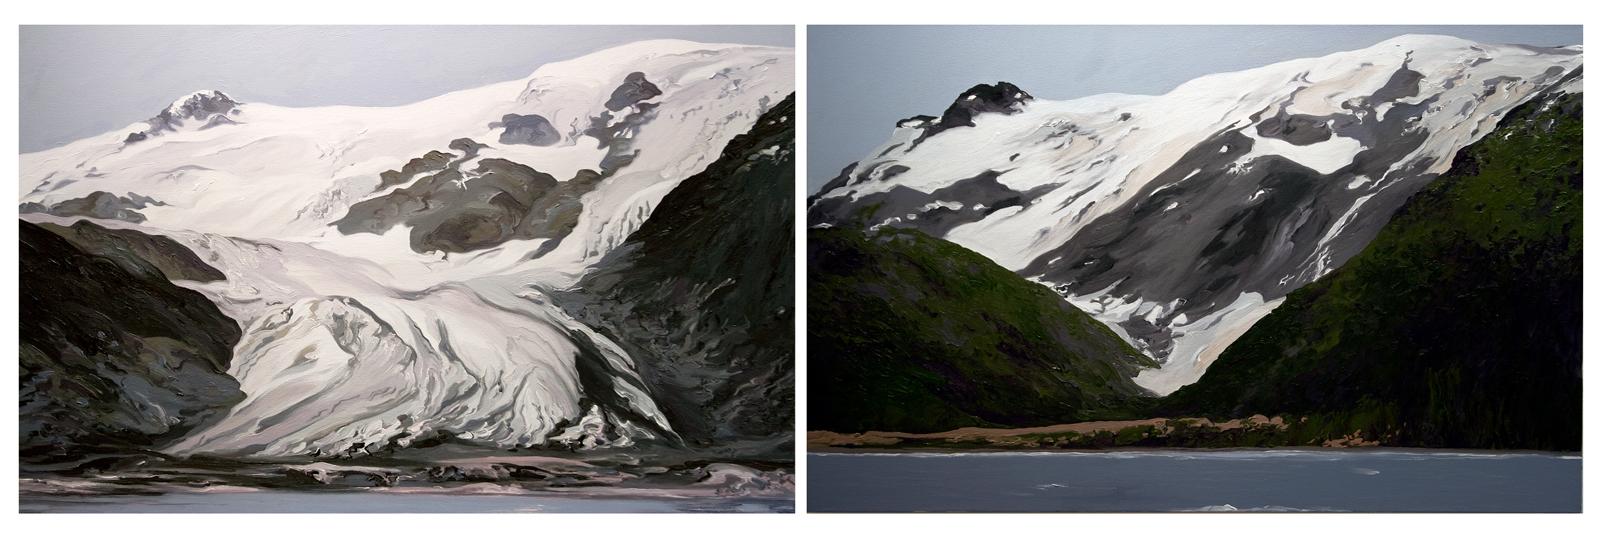 Toboggan Glacier 1, 2